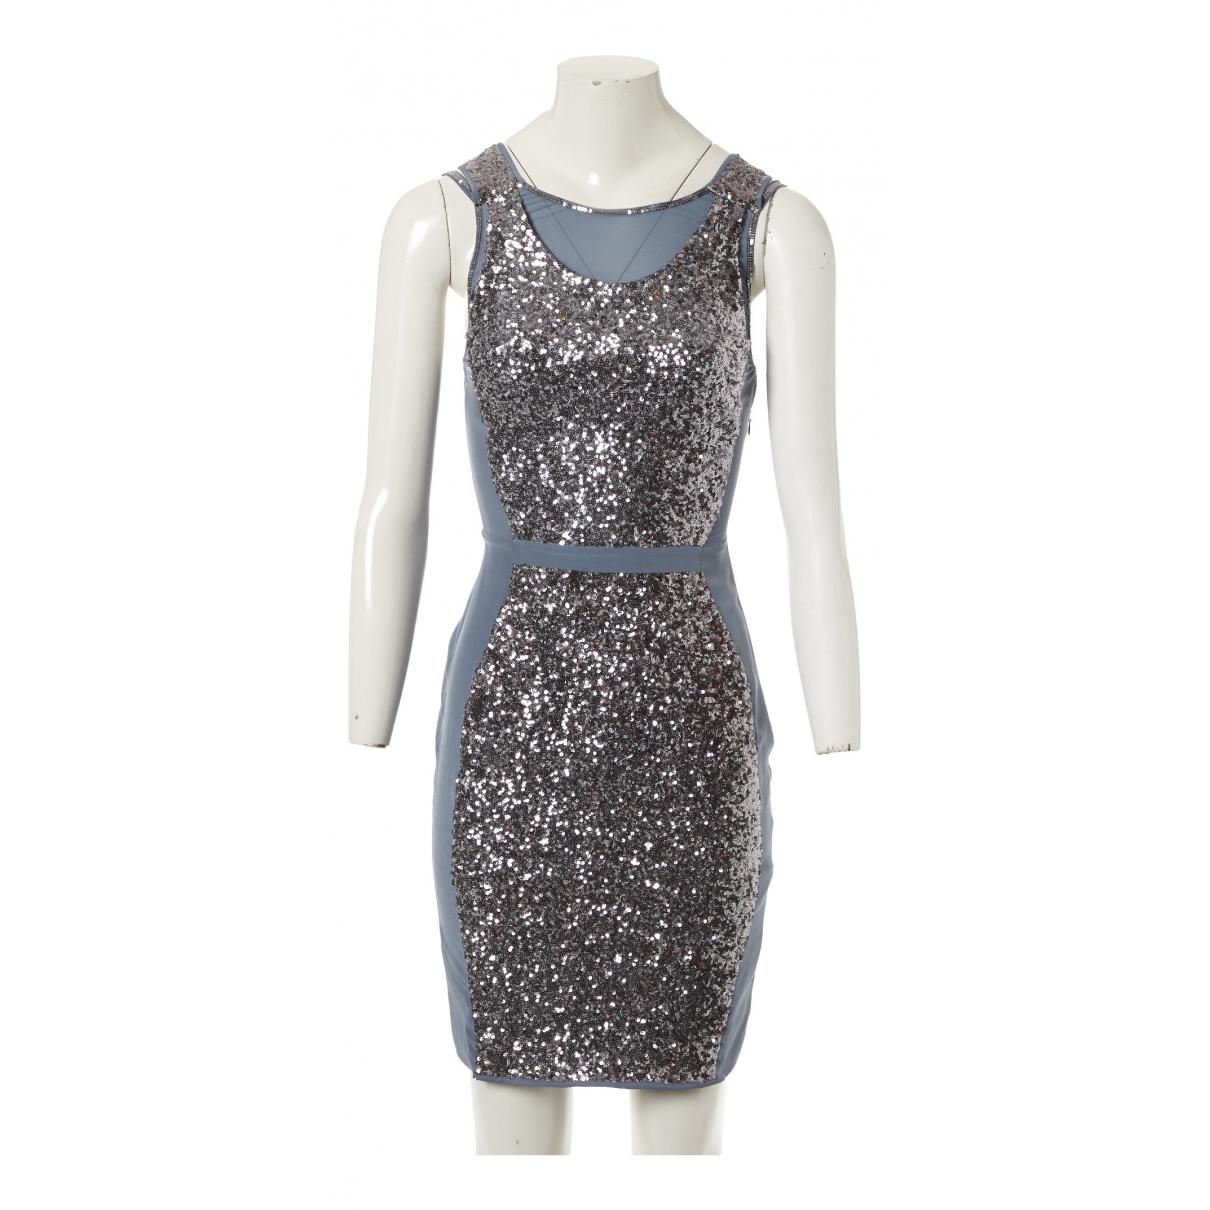 Reiss \N Kleid in  Silber Mit Pailletten